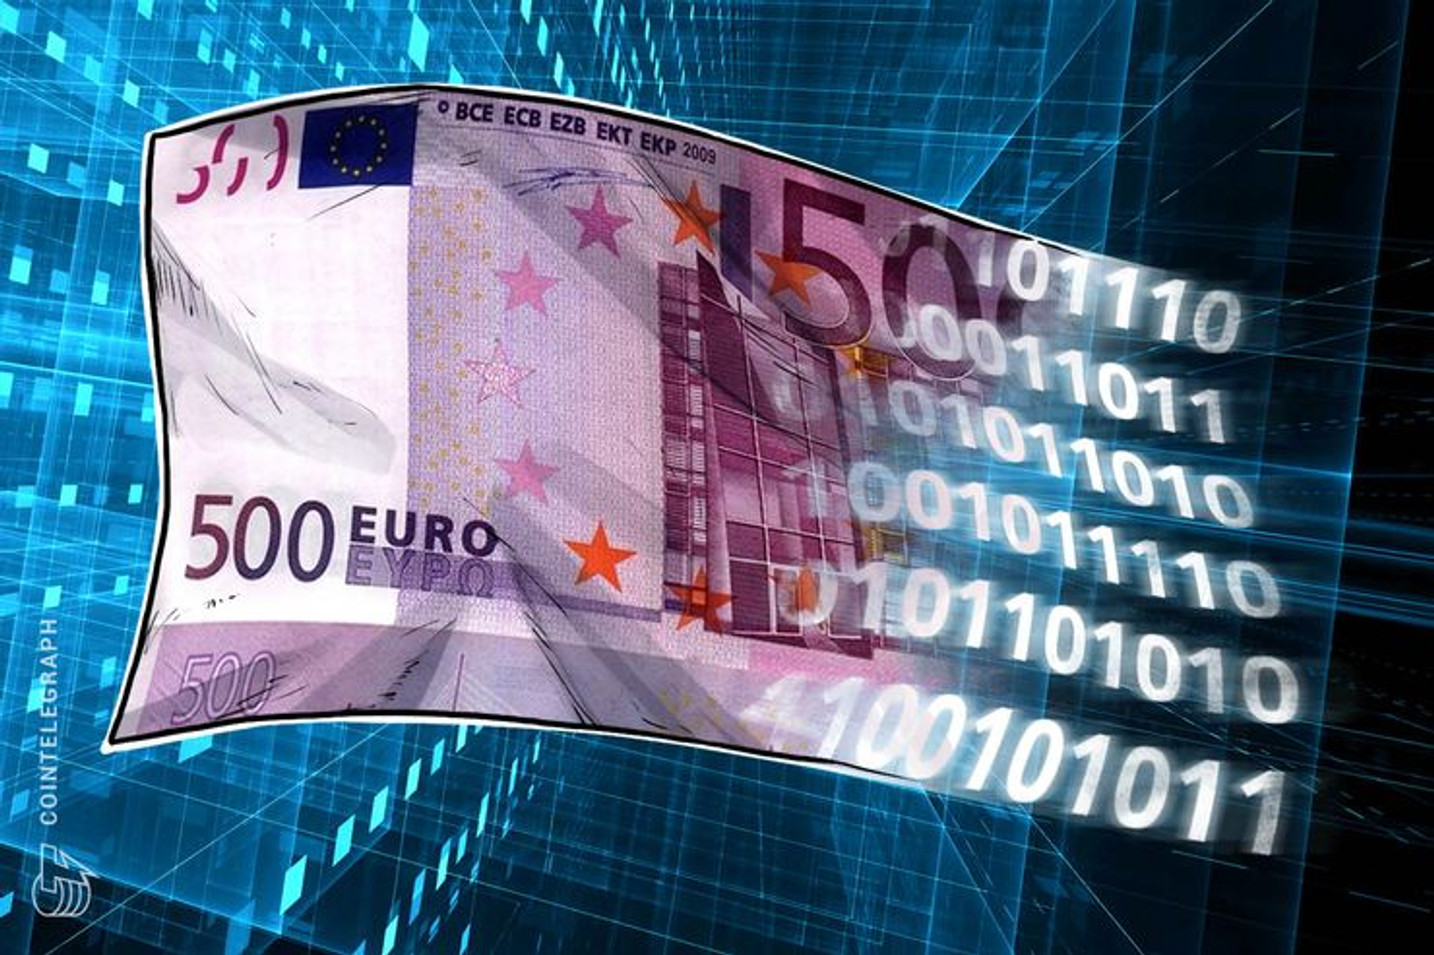 Lanzaron CriptanPay, una plataforma para aceptar criptomonedas como pago  y recibir euros en cuenta bancaria